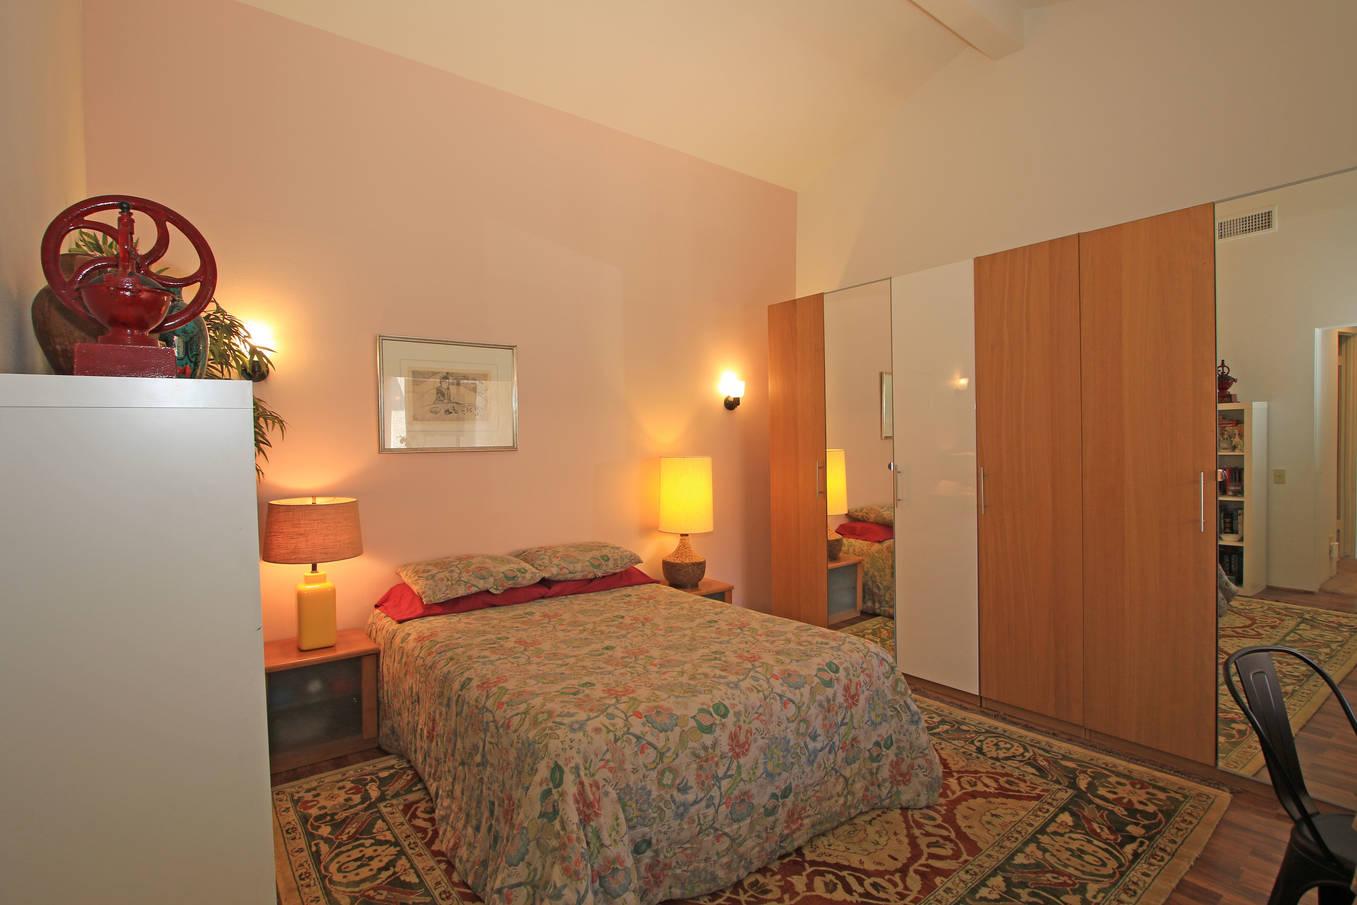 Bedroom 3 of 3